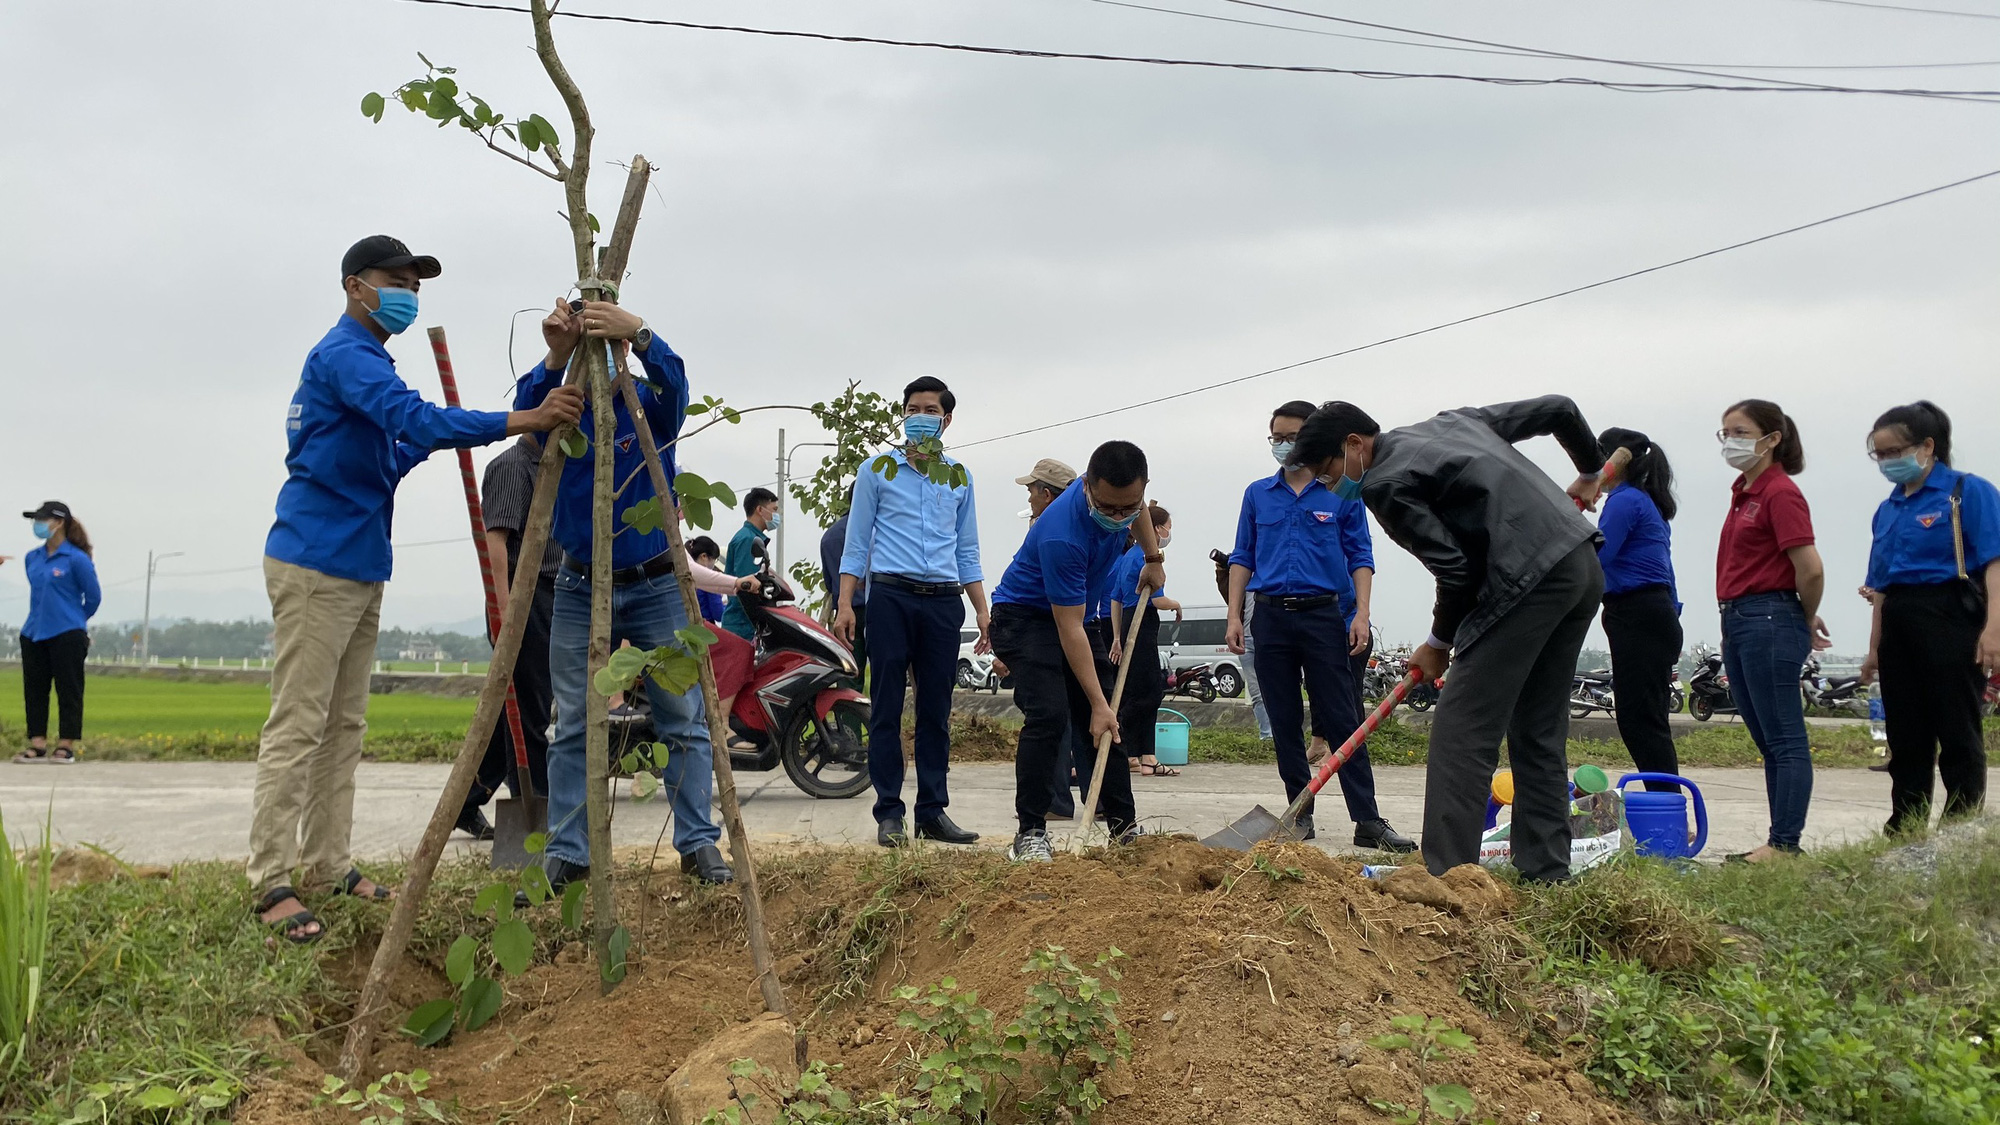 """Agribank miền Trung hưởng ứng phong trào """"Tết trồng cây đời đời nhớ ơn Bác Hồ"""" năm 2021 - Ảnh 3."""